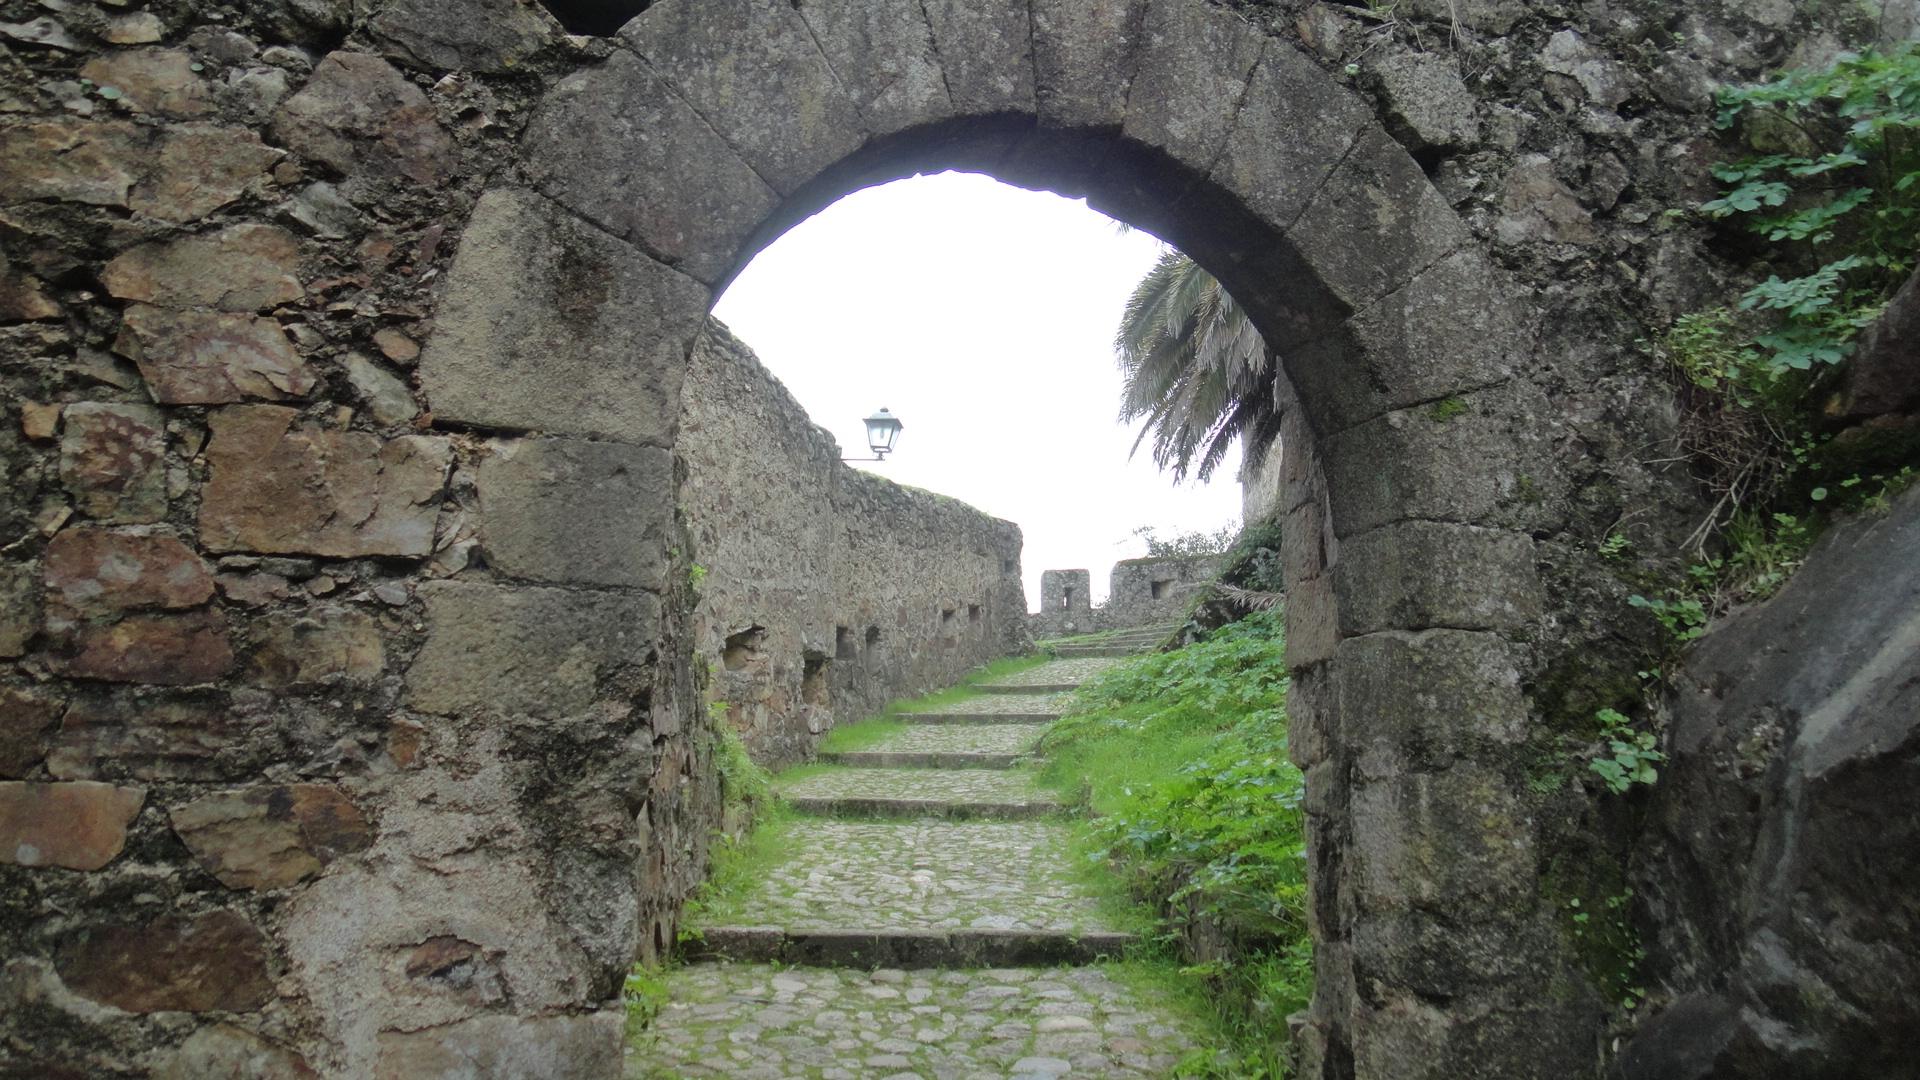 Nueva visita al castillo de alburquerque los tesoros de - Entradas baratas castillo de las guardas ...